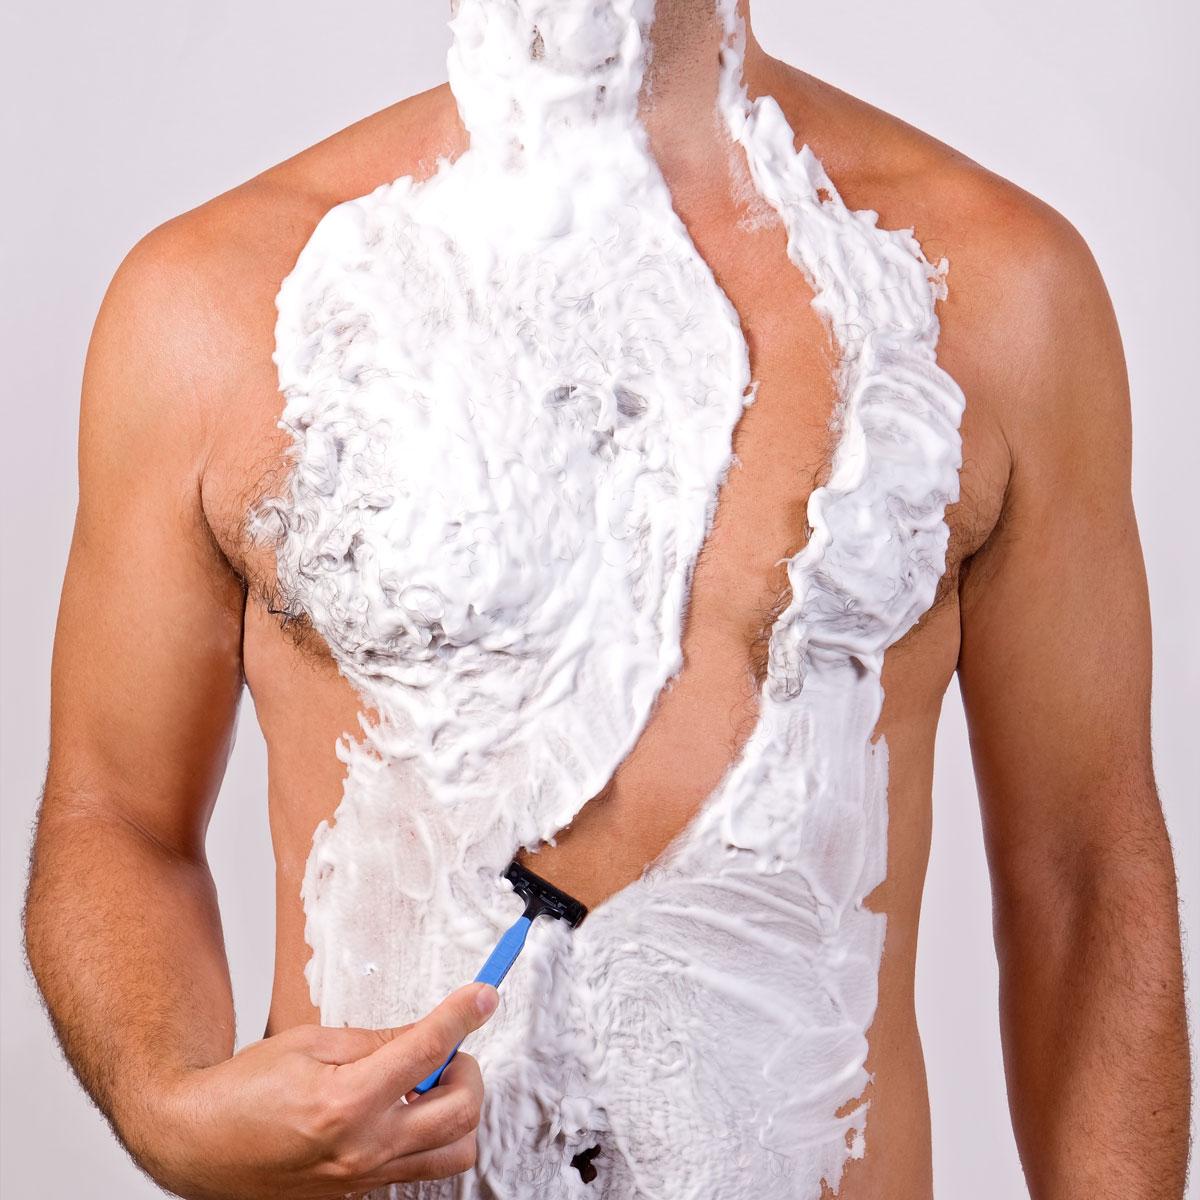 shaving-body-razor-man-for-himself